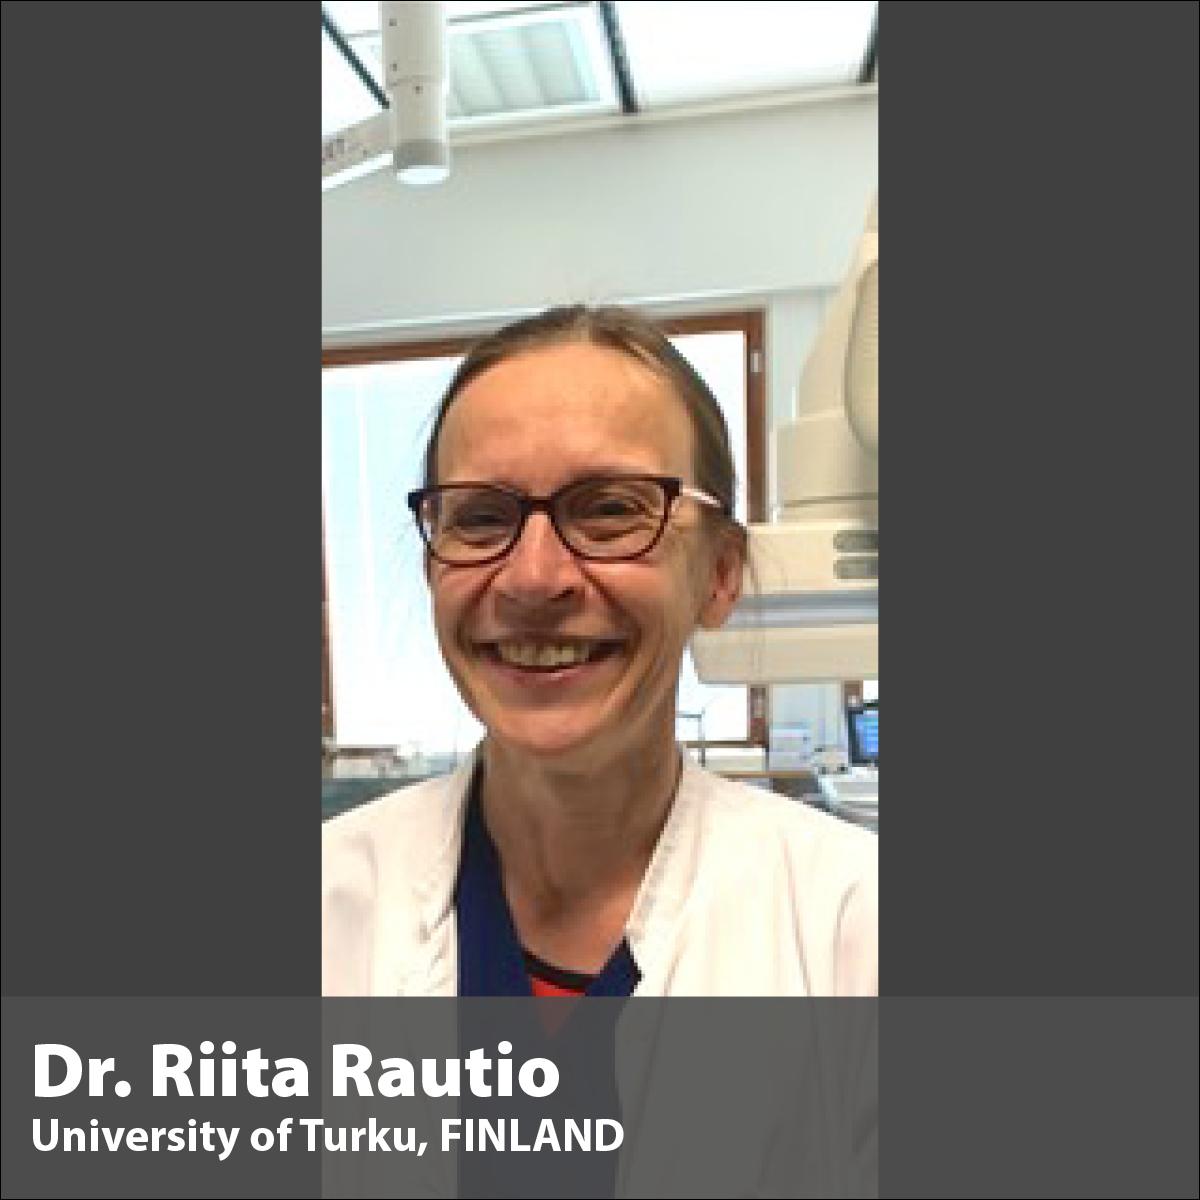 e-Fellowship Mentor Dr. Riita Rautio